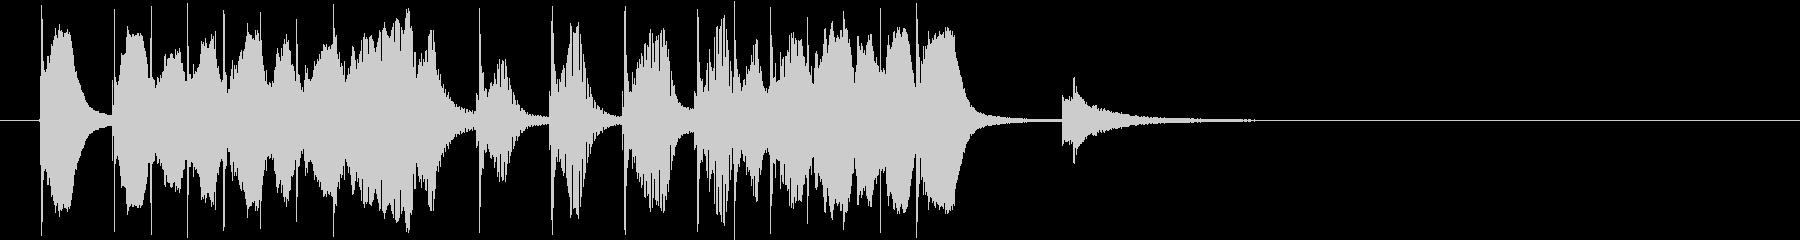 ゆるキャラのような可愛いコミカルジングルの未再生の波形